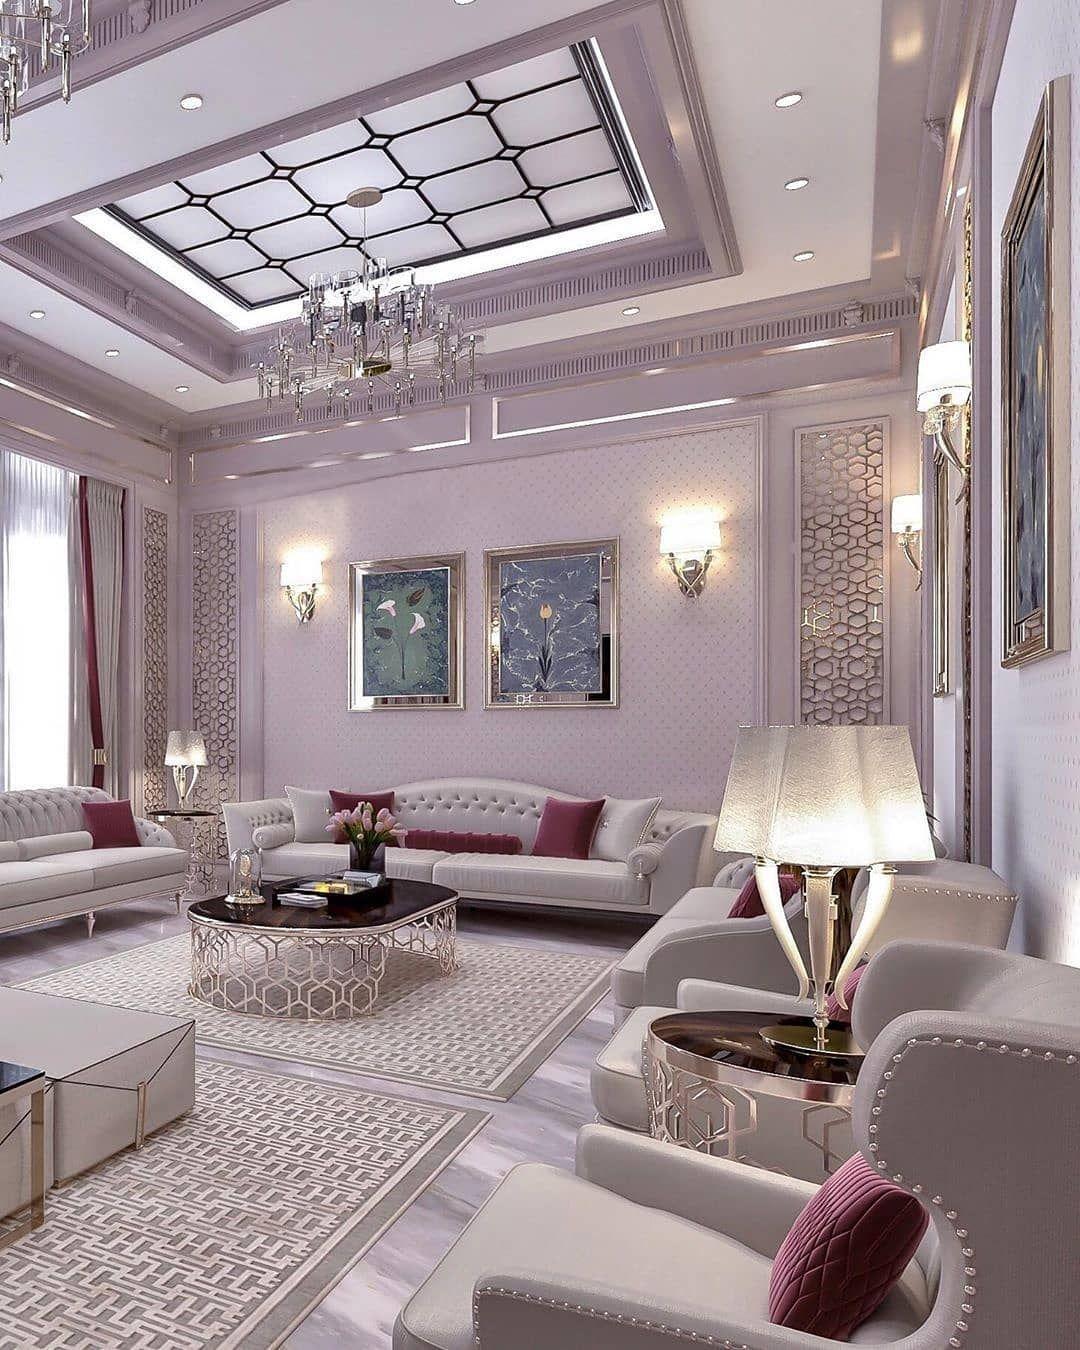 المجلس الخليجي للديكور On Instagram الرائدون في مجال الاثاث أحدث الموديلات وأرقى التصميمات Interior Design Dubai Moroccan Style Interior Home Decor